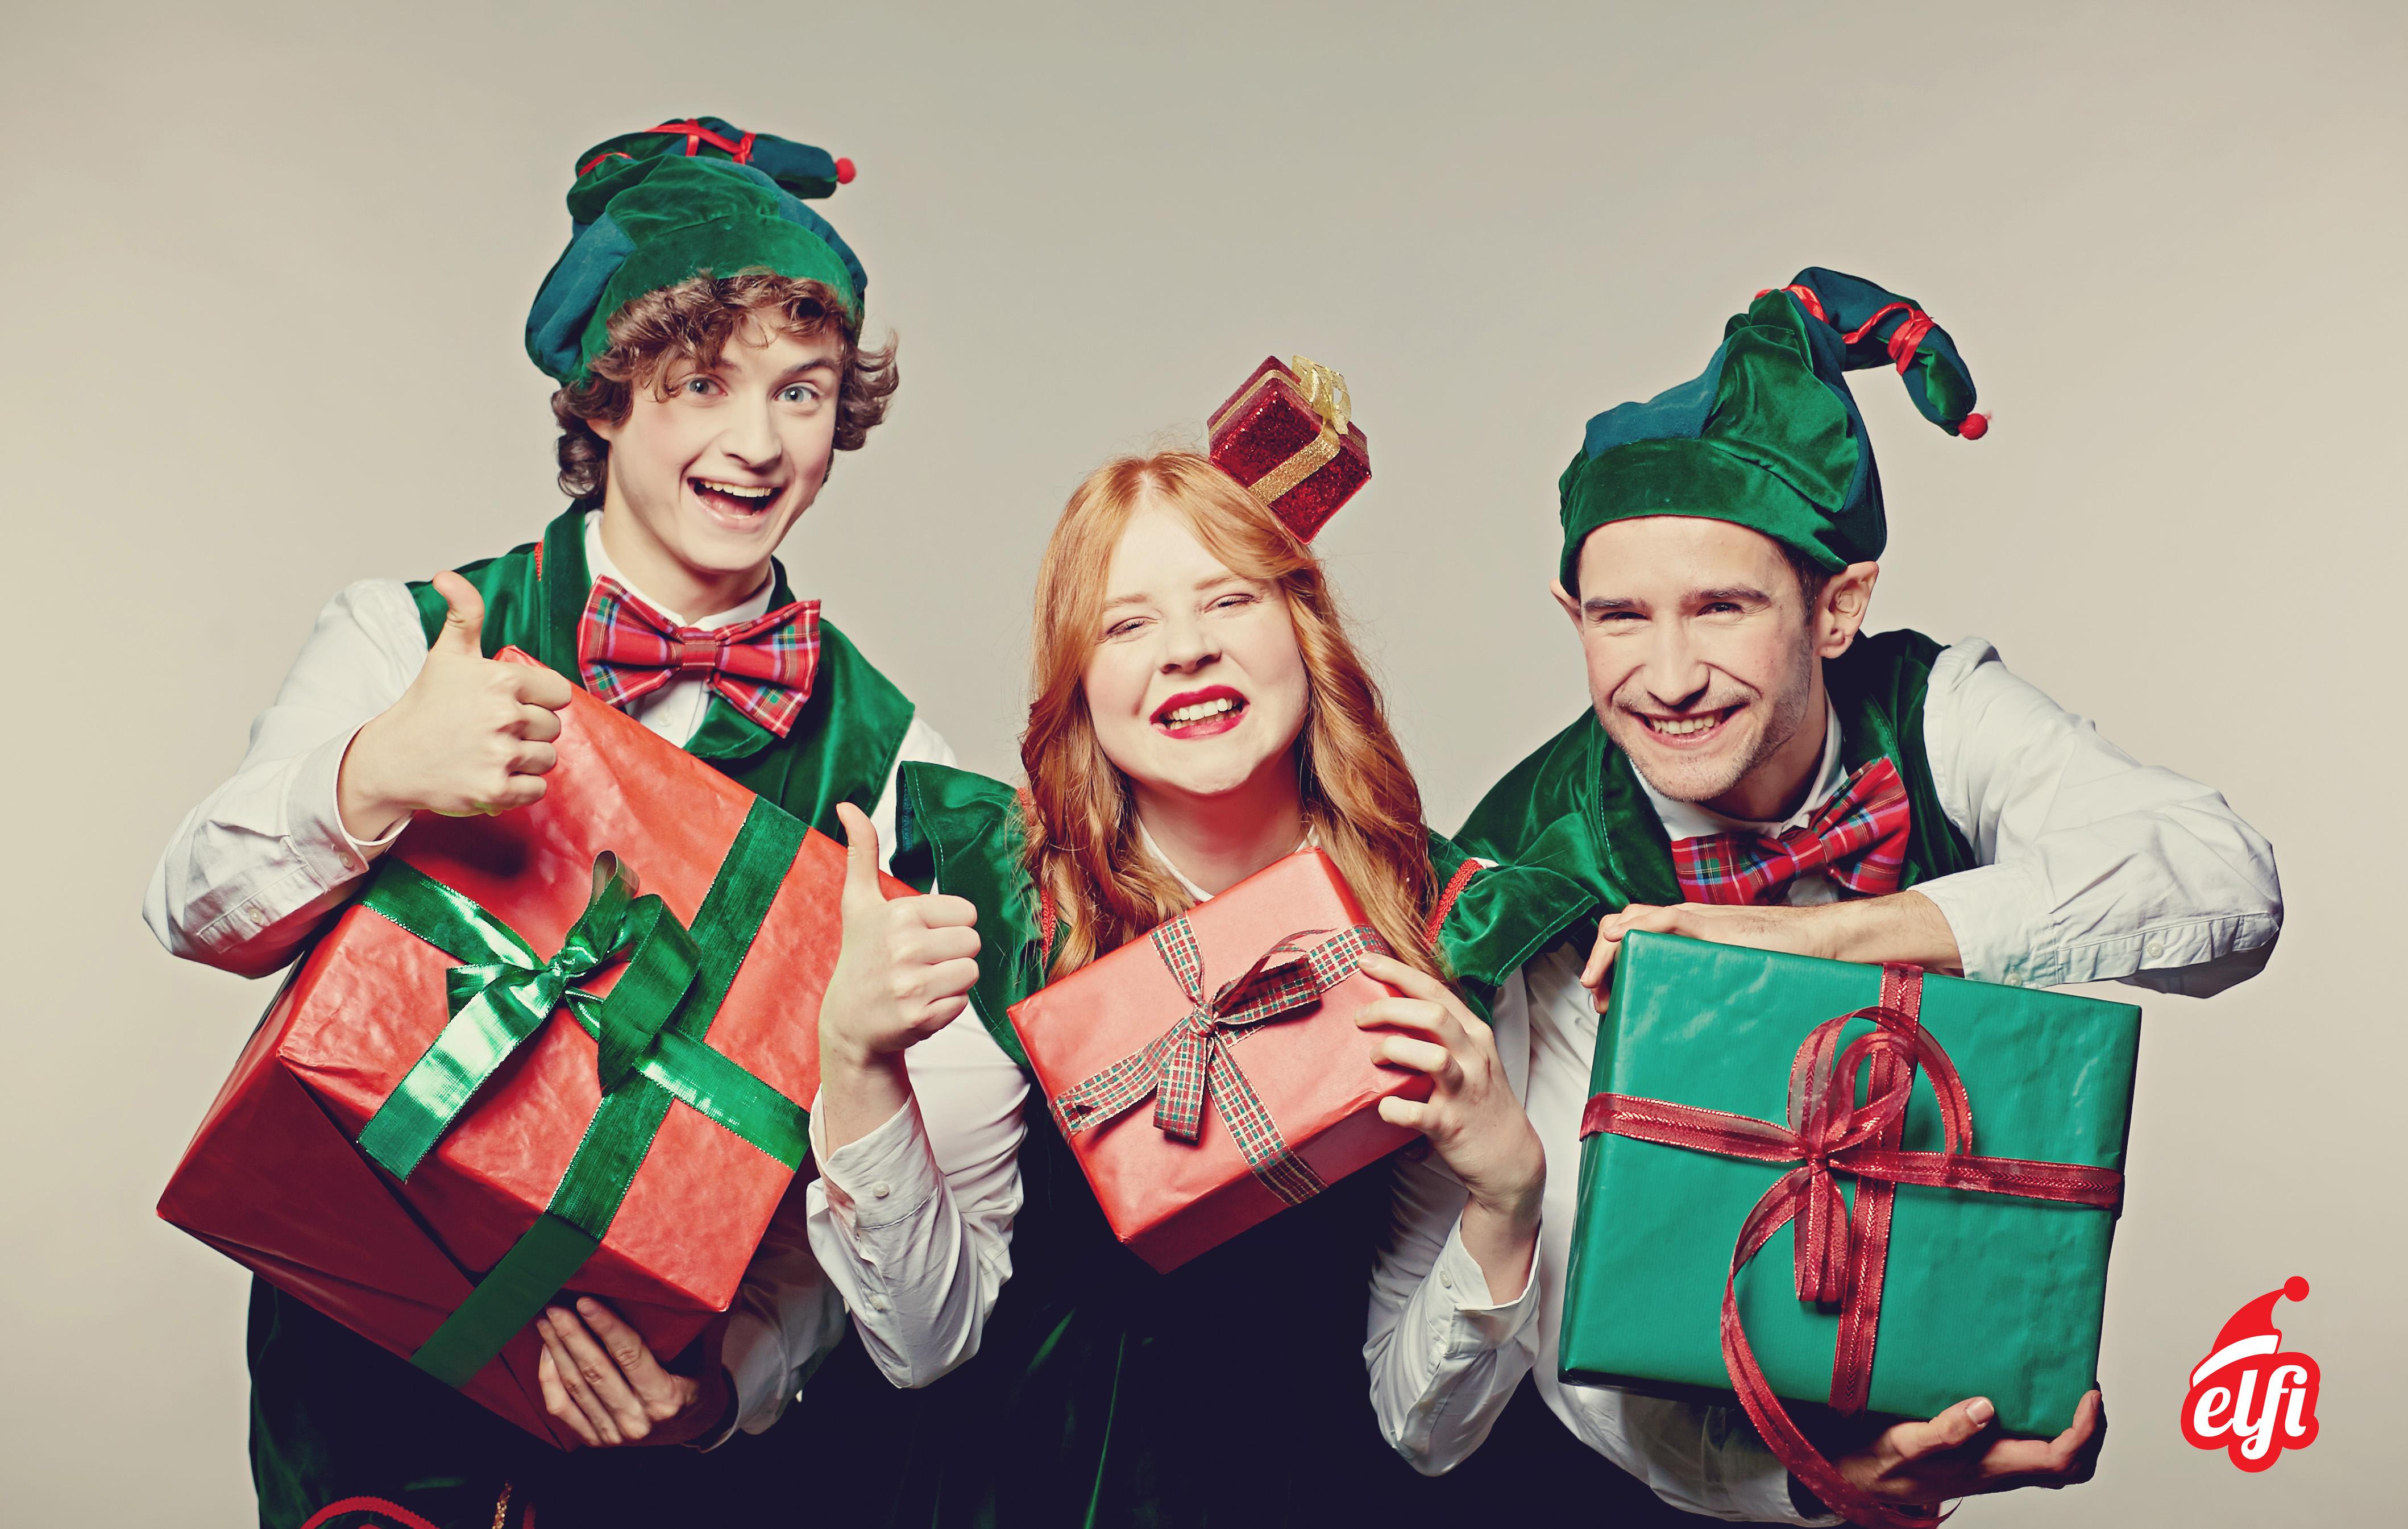 Bambini Che Scartano I Regali Di Natale.Regali Di Natale Regalo Bambini Elfi